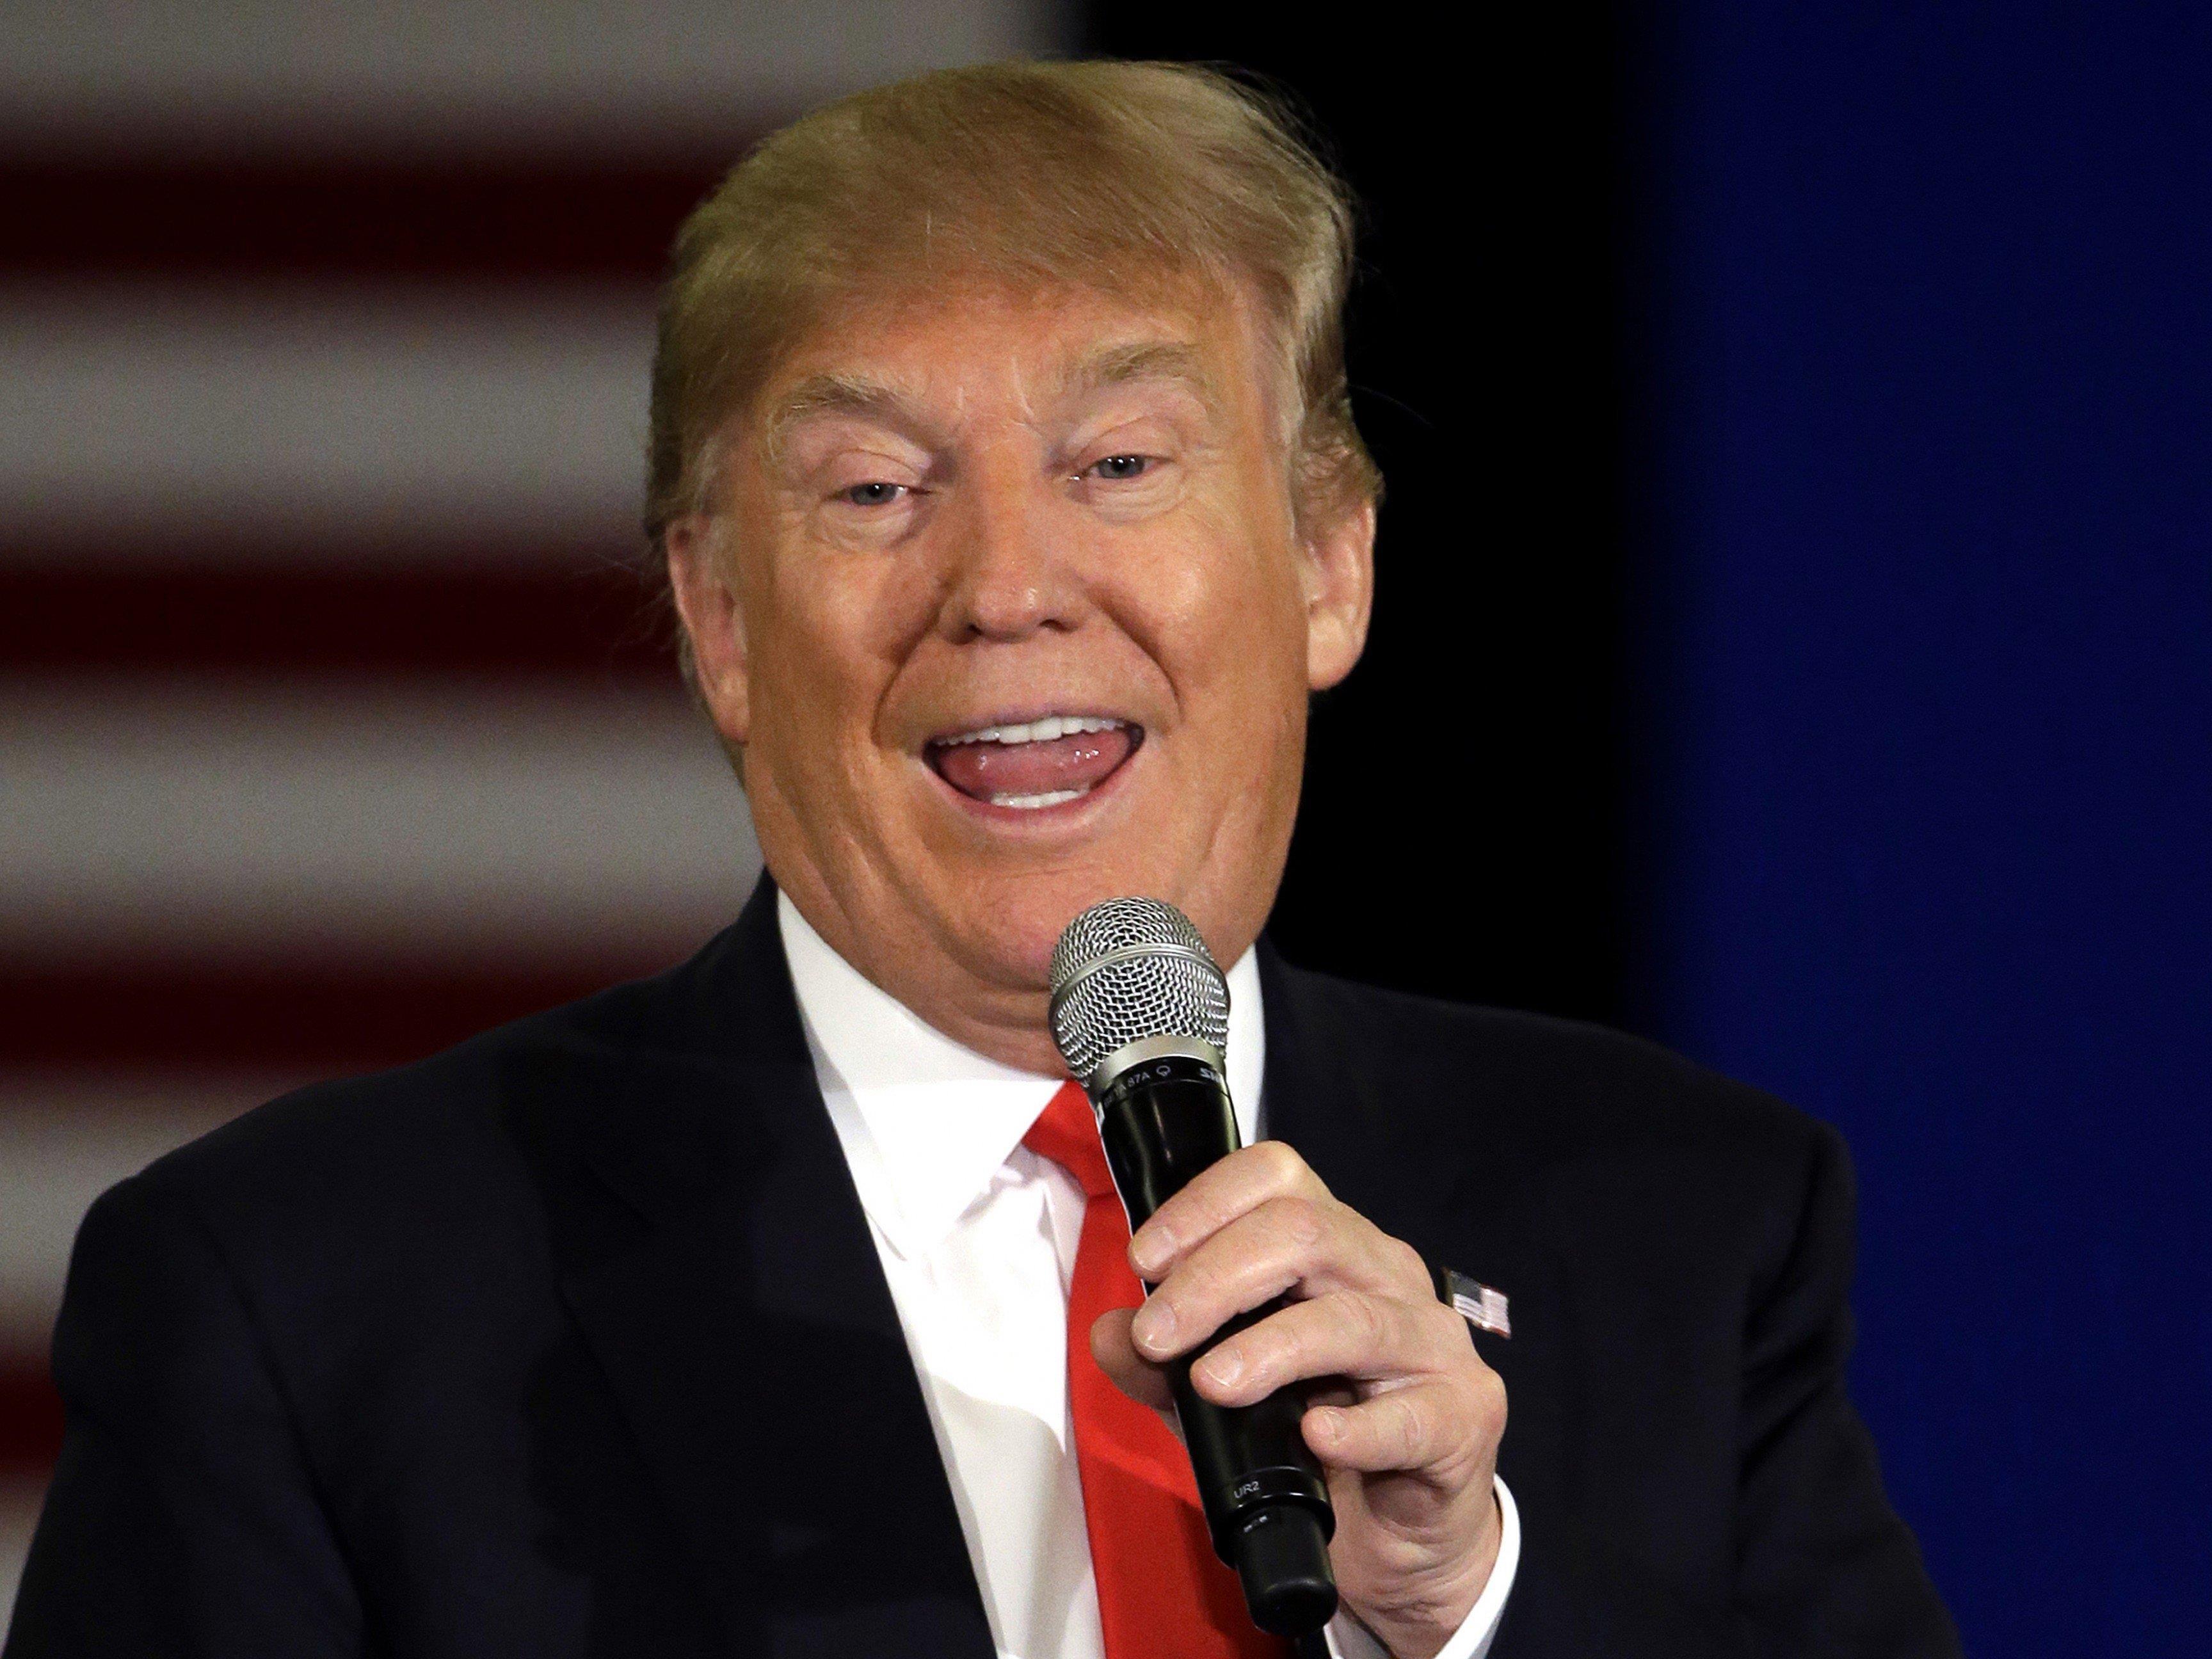 """Der republikanische Präsidentschaftsbewerber Donald Trump hatte angekündigt, er wolle """"Waterboarding und noch viel Schlimmeres"""" als Verhörmethode wieder einführen."""